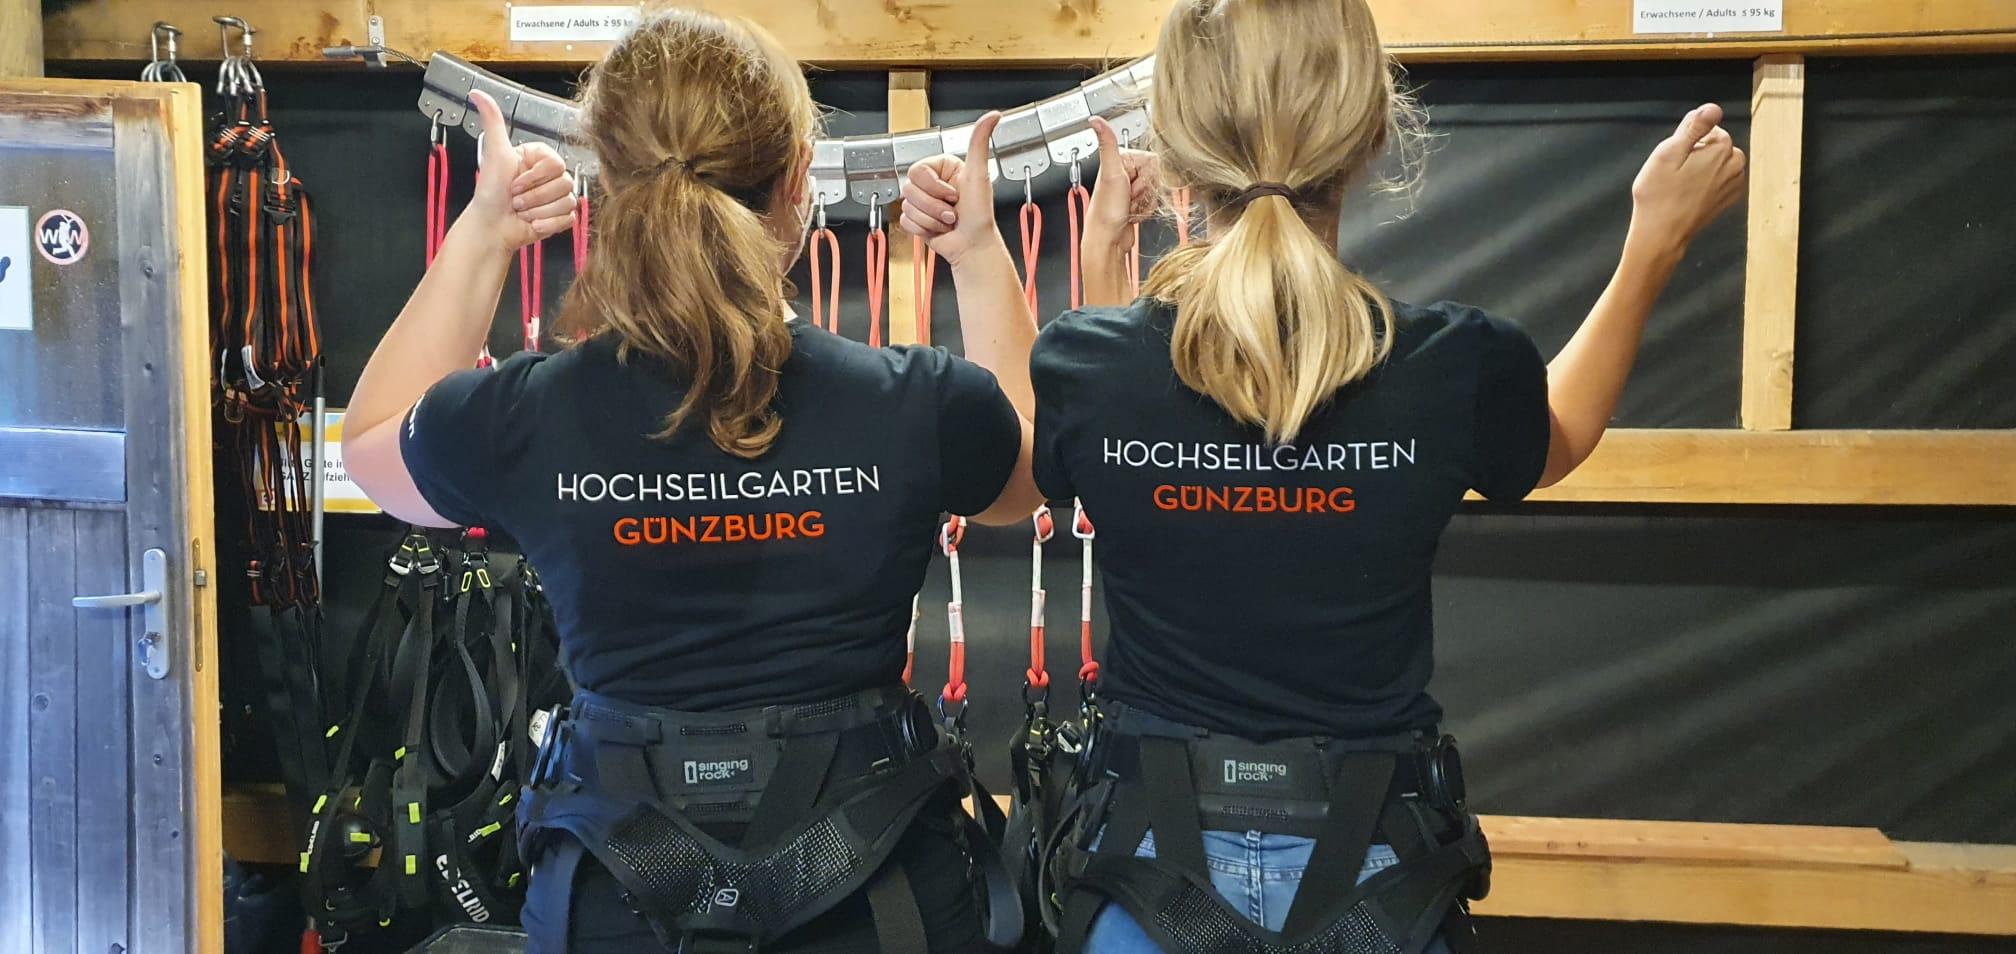 Read more about the article Unsere neuen Hochseilgarten Shirts sind da!